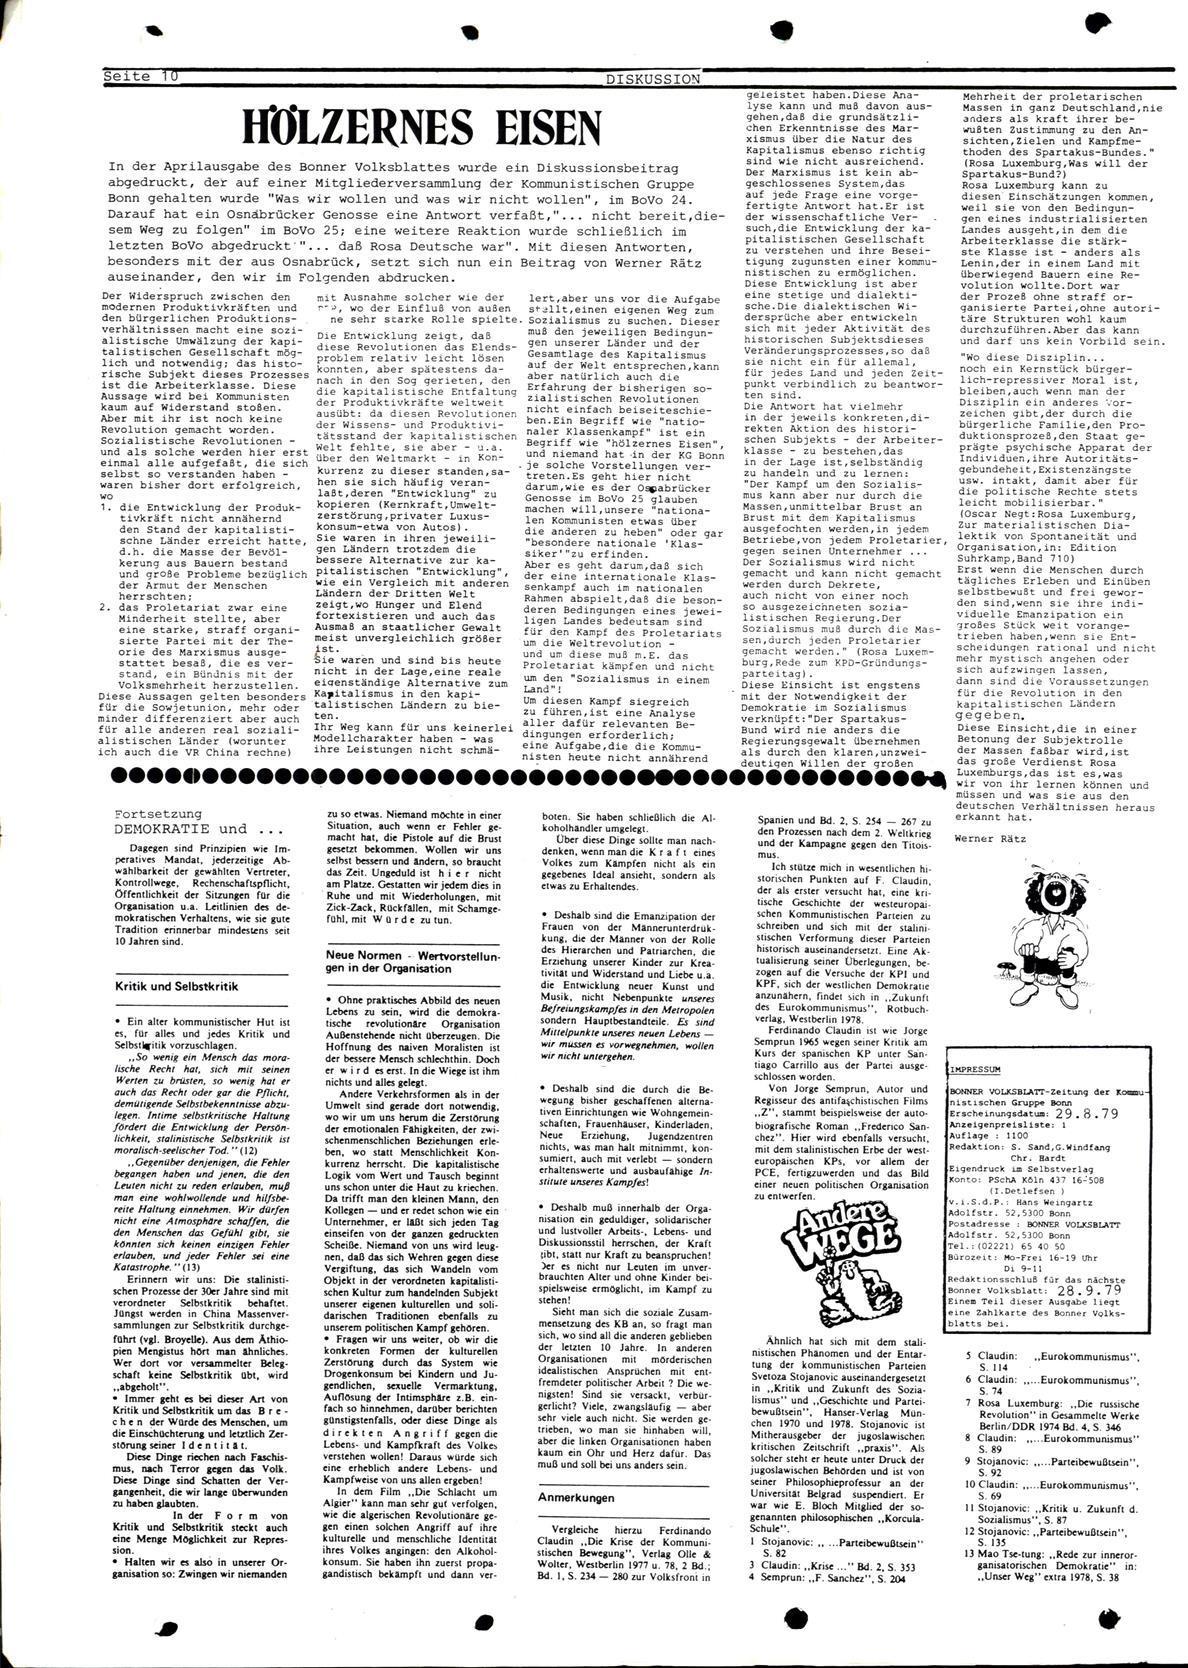 Bonner_Volksblatt_27_19790828_10